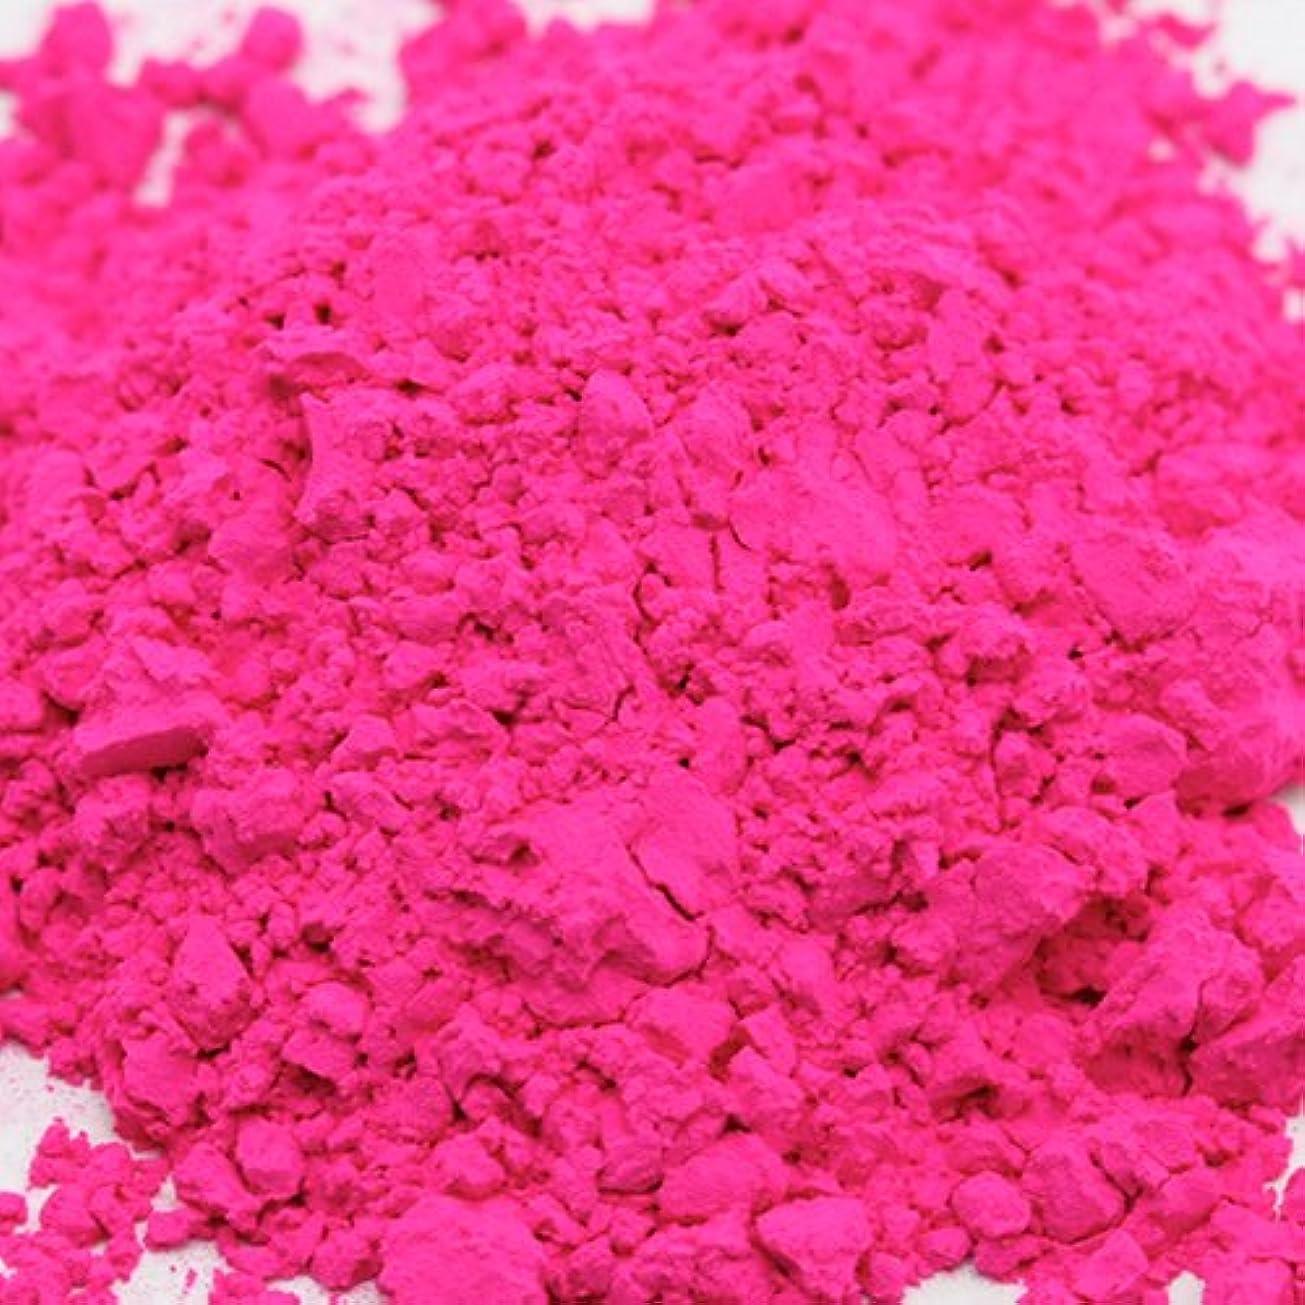 自我フリンジオークションキャンディカラー ピンク 20g 【手作り石鹸/手作りコスメ/色付け/カラーラント】